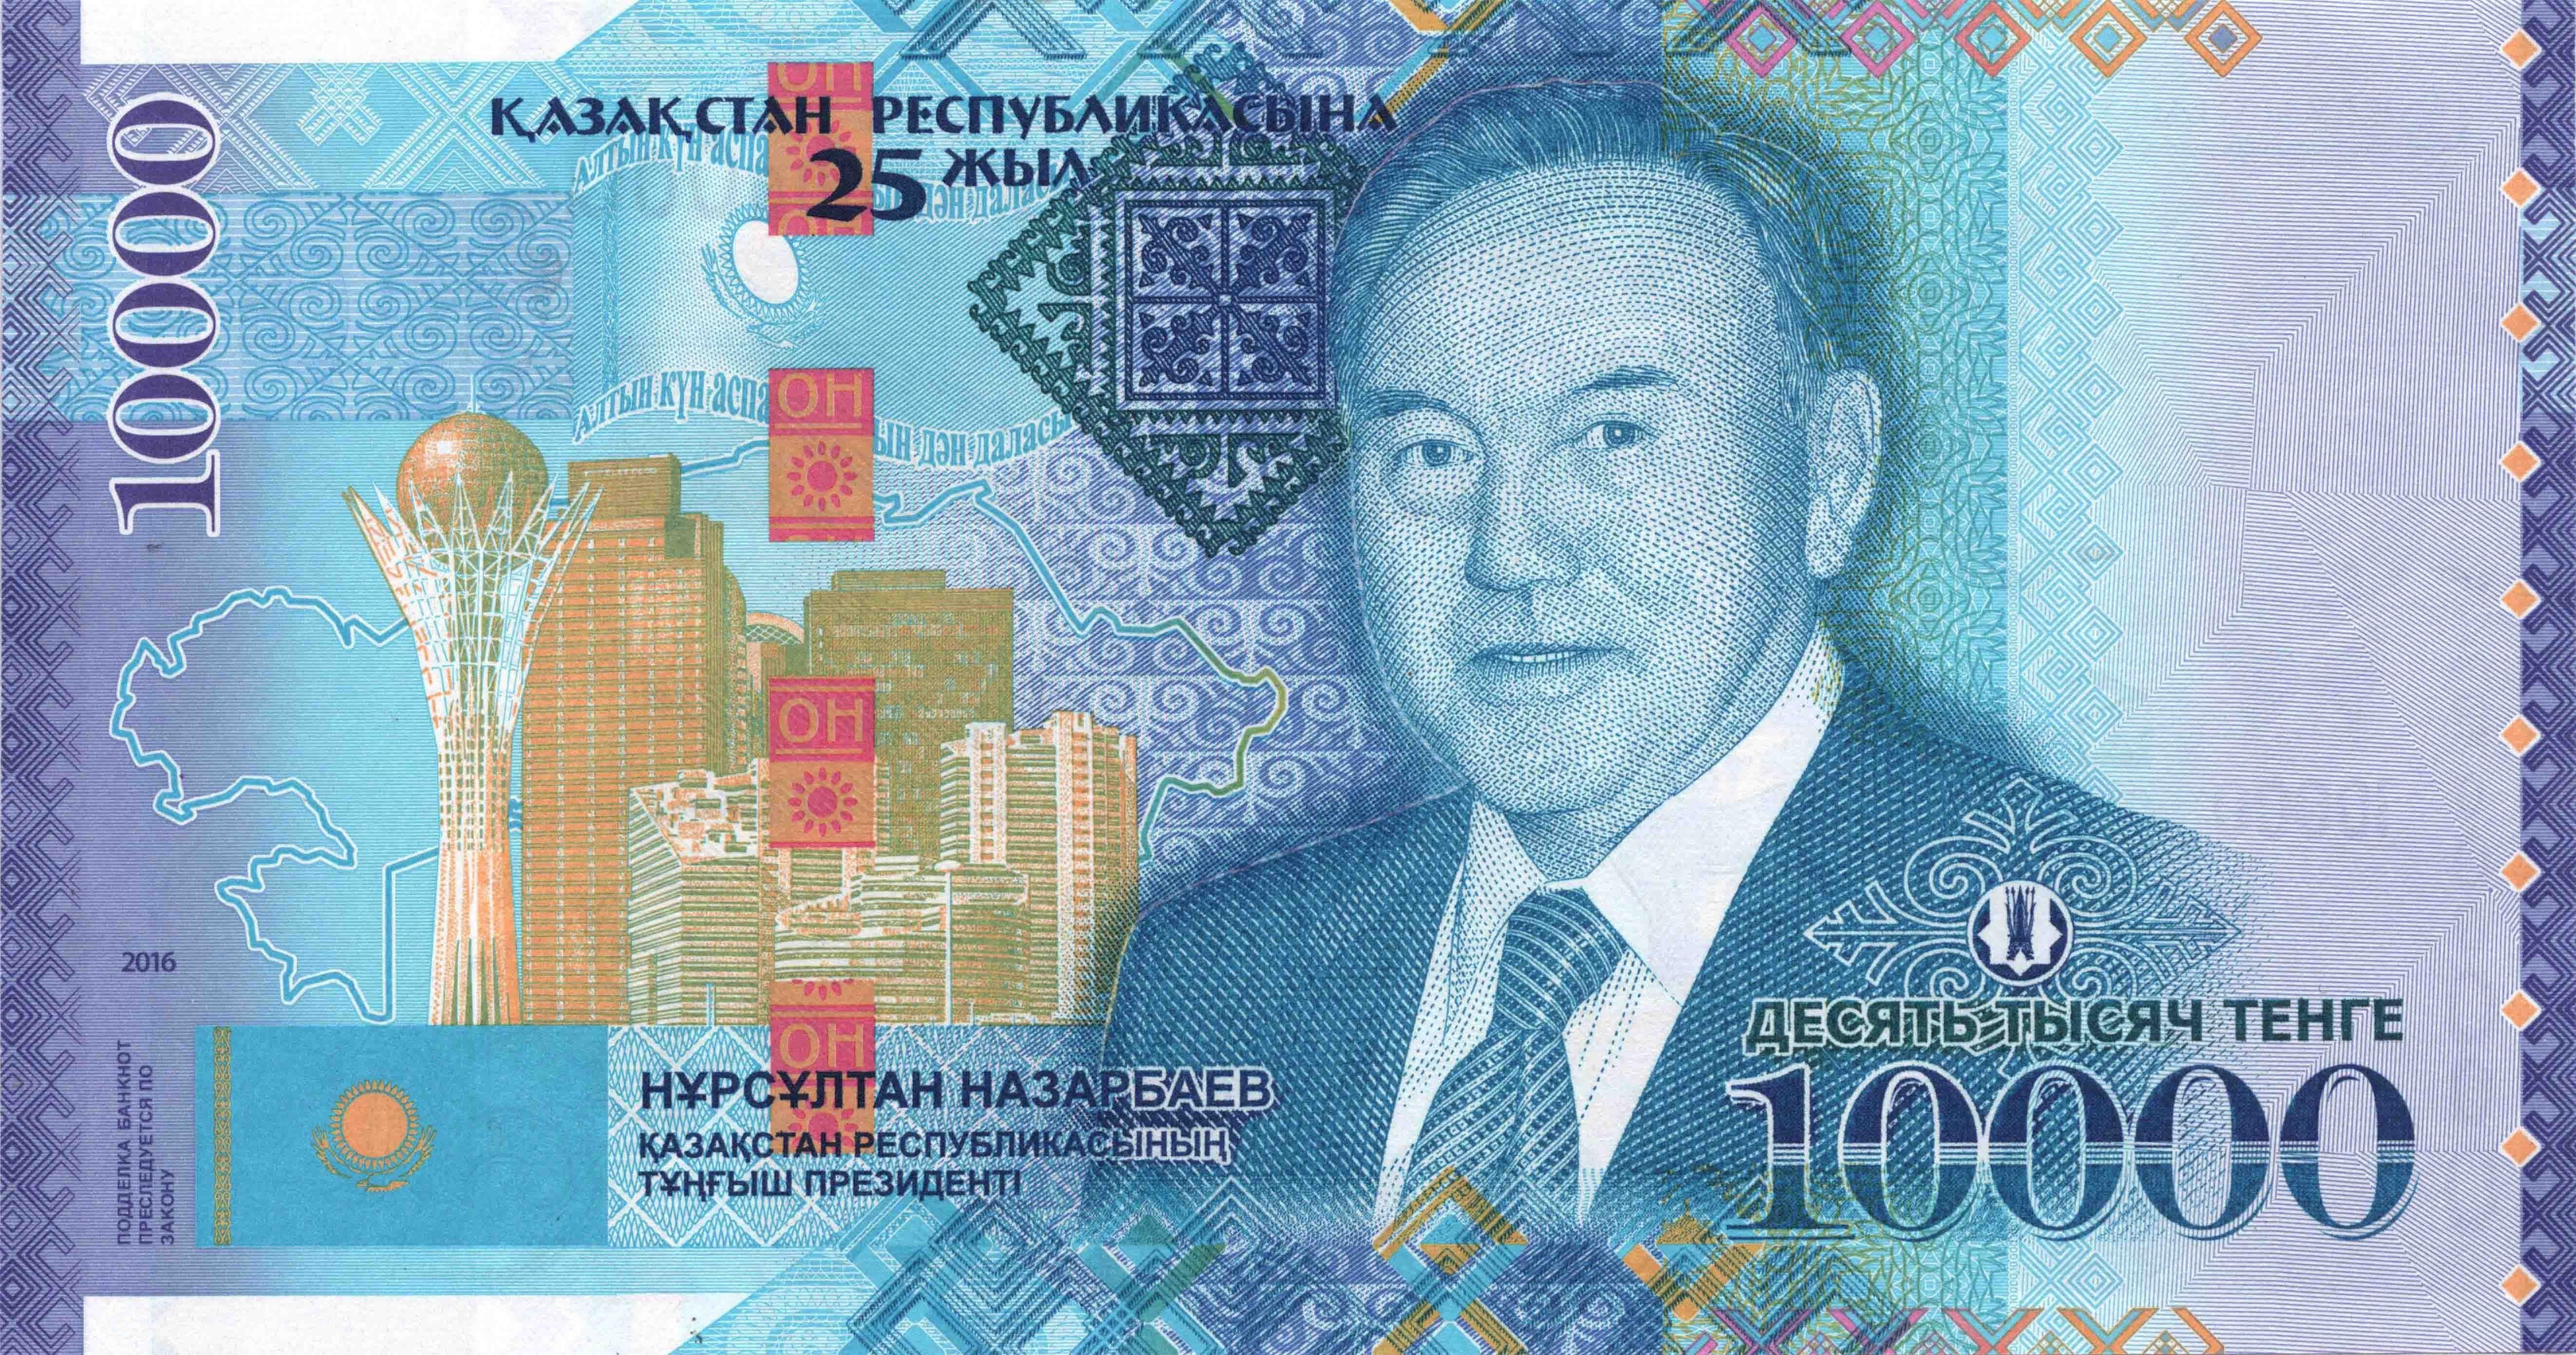 Обратная сторона юбилейной банкноты номиналом 10 тысяч тенге с изображением Назарбаева